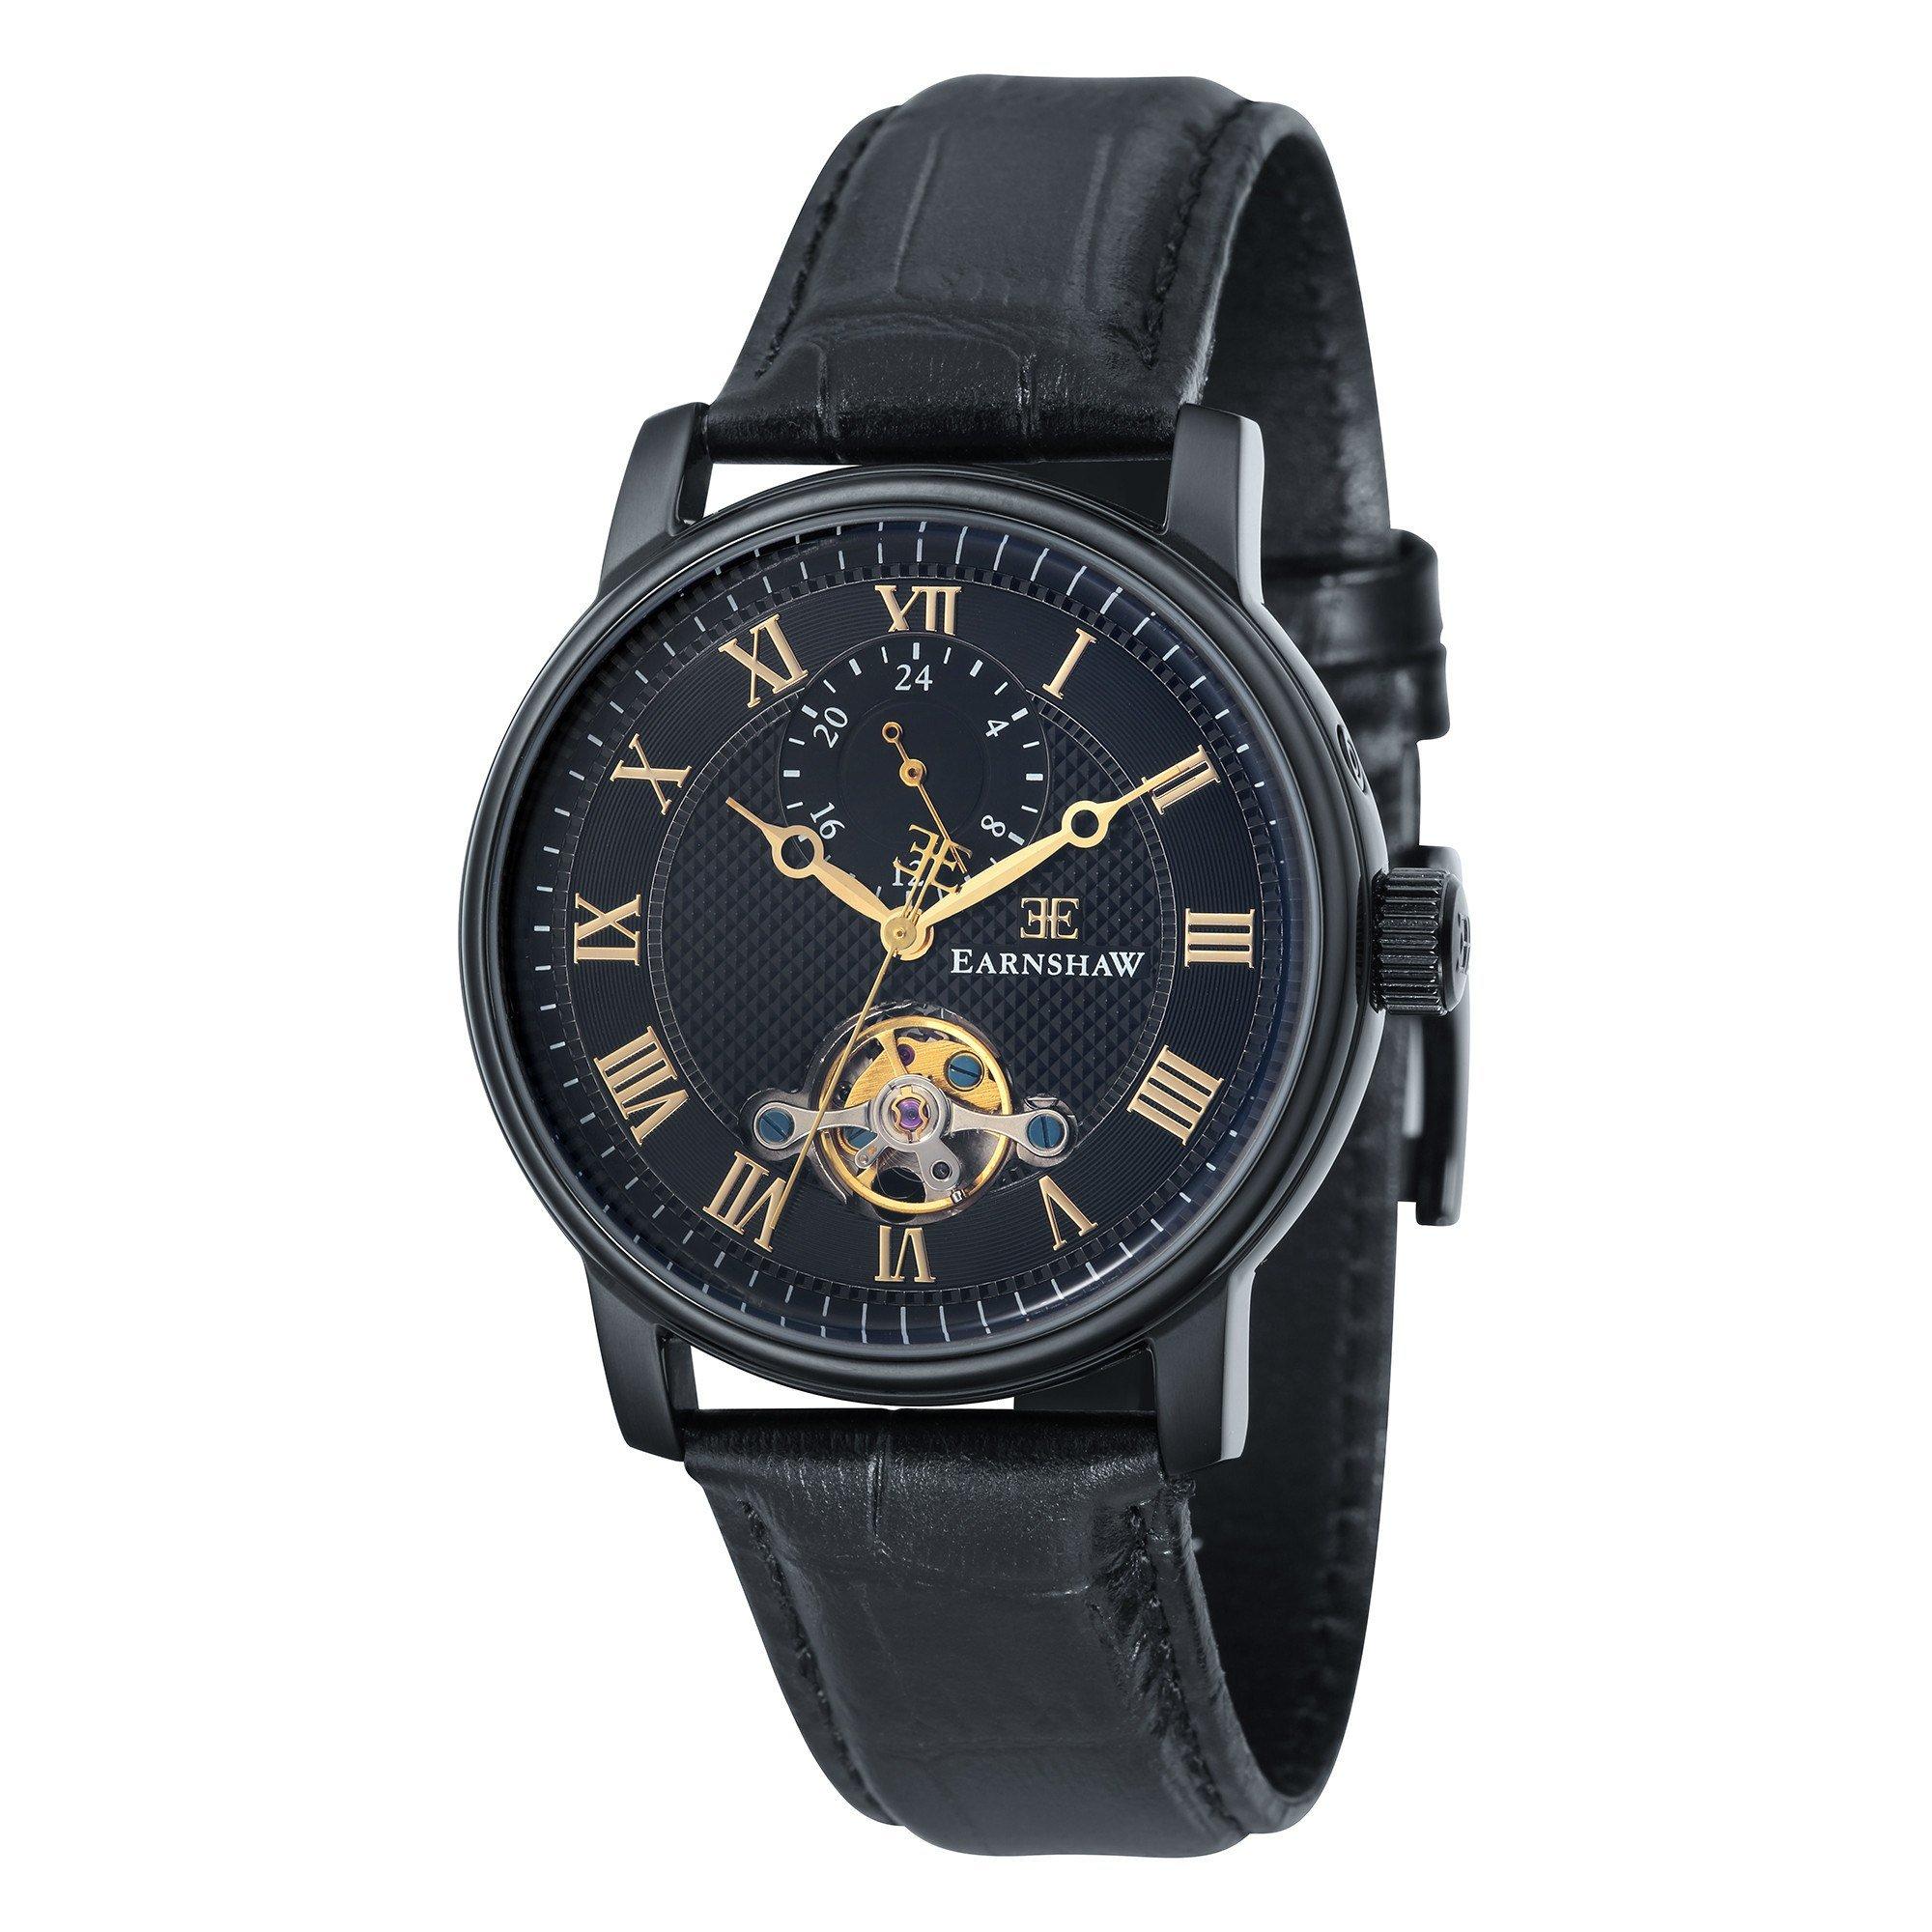 ساعت مچی عقربه ای مردانه ارنشا مدل ES-8042-08 4